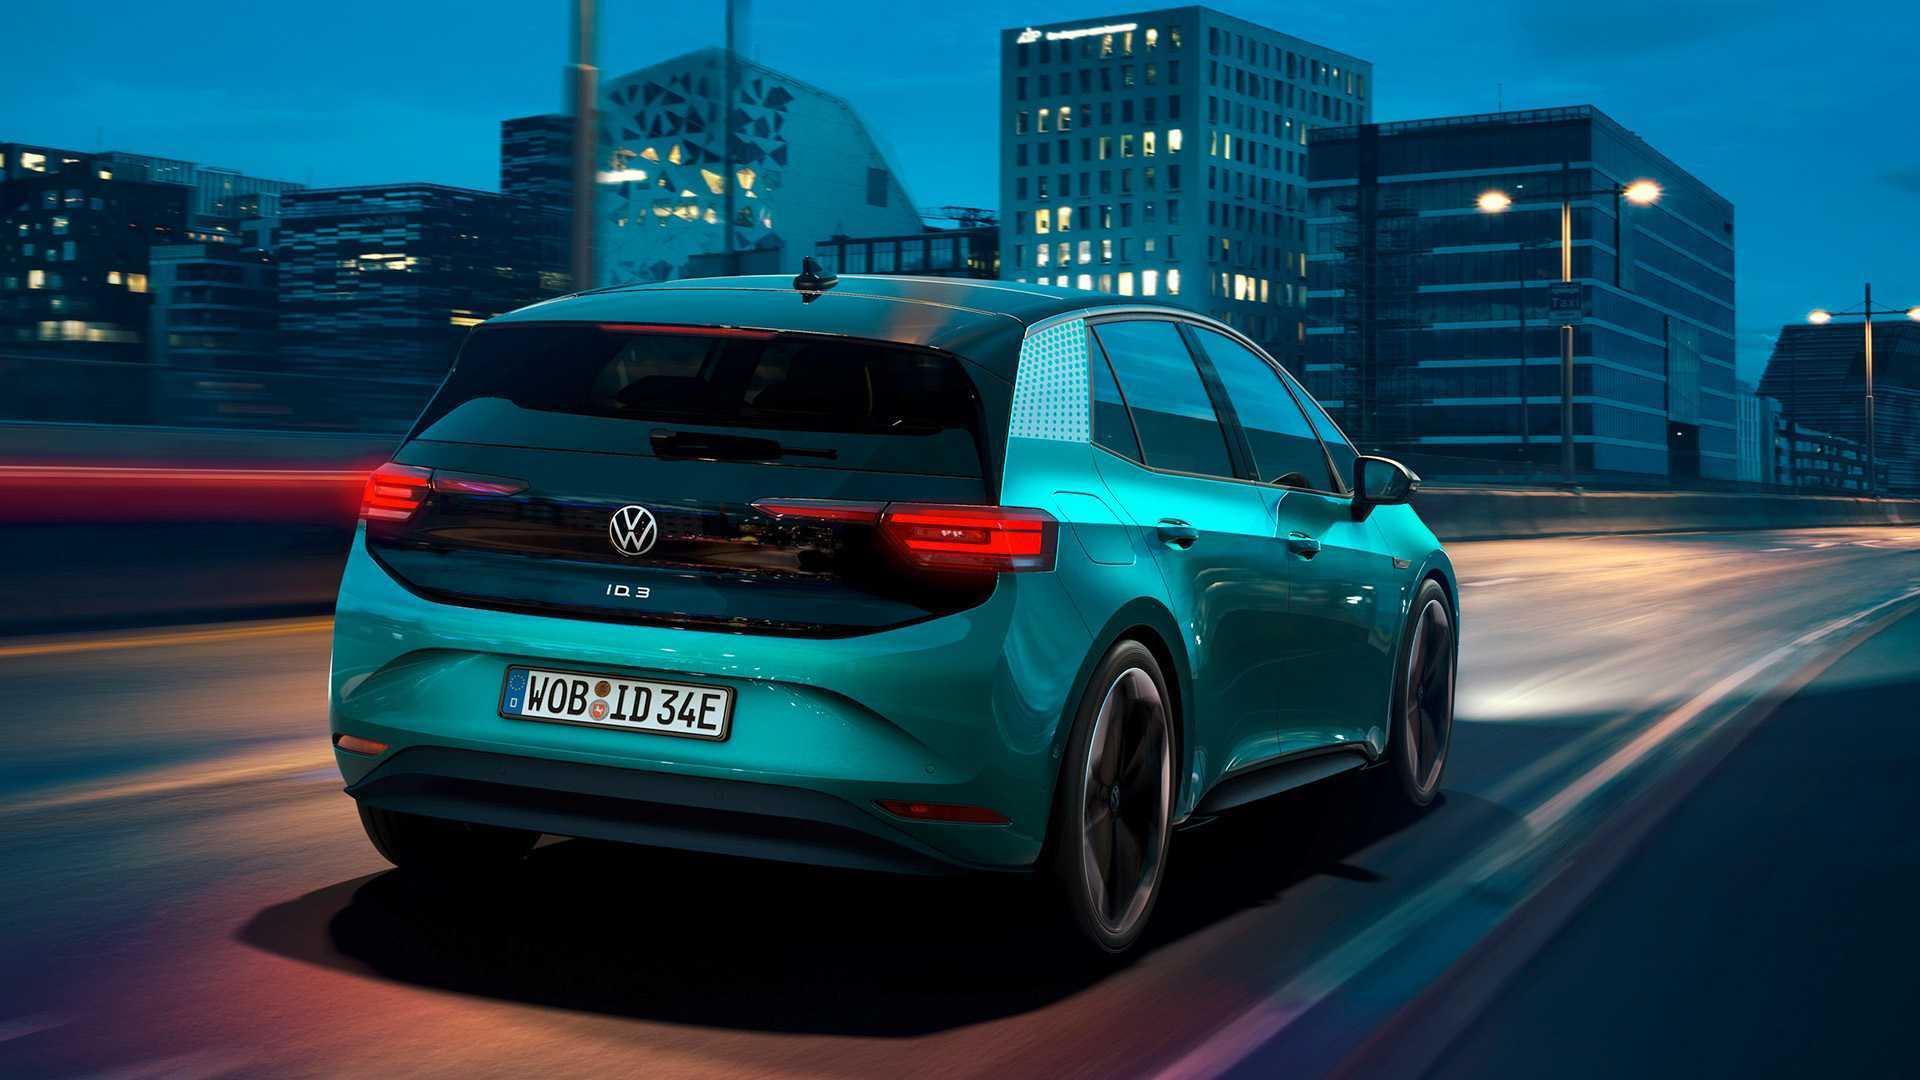 Este robot de Volkswagen es un punto de recarga móvil para eléctricos Volkswagen-id-3-2019